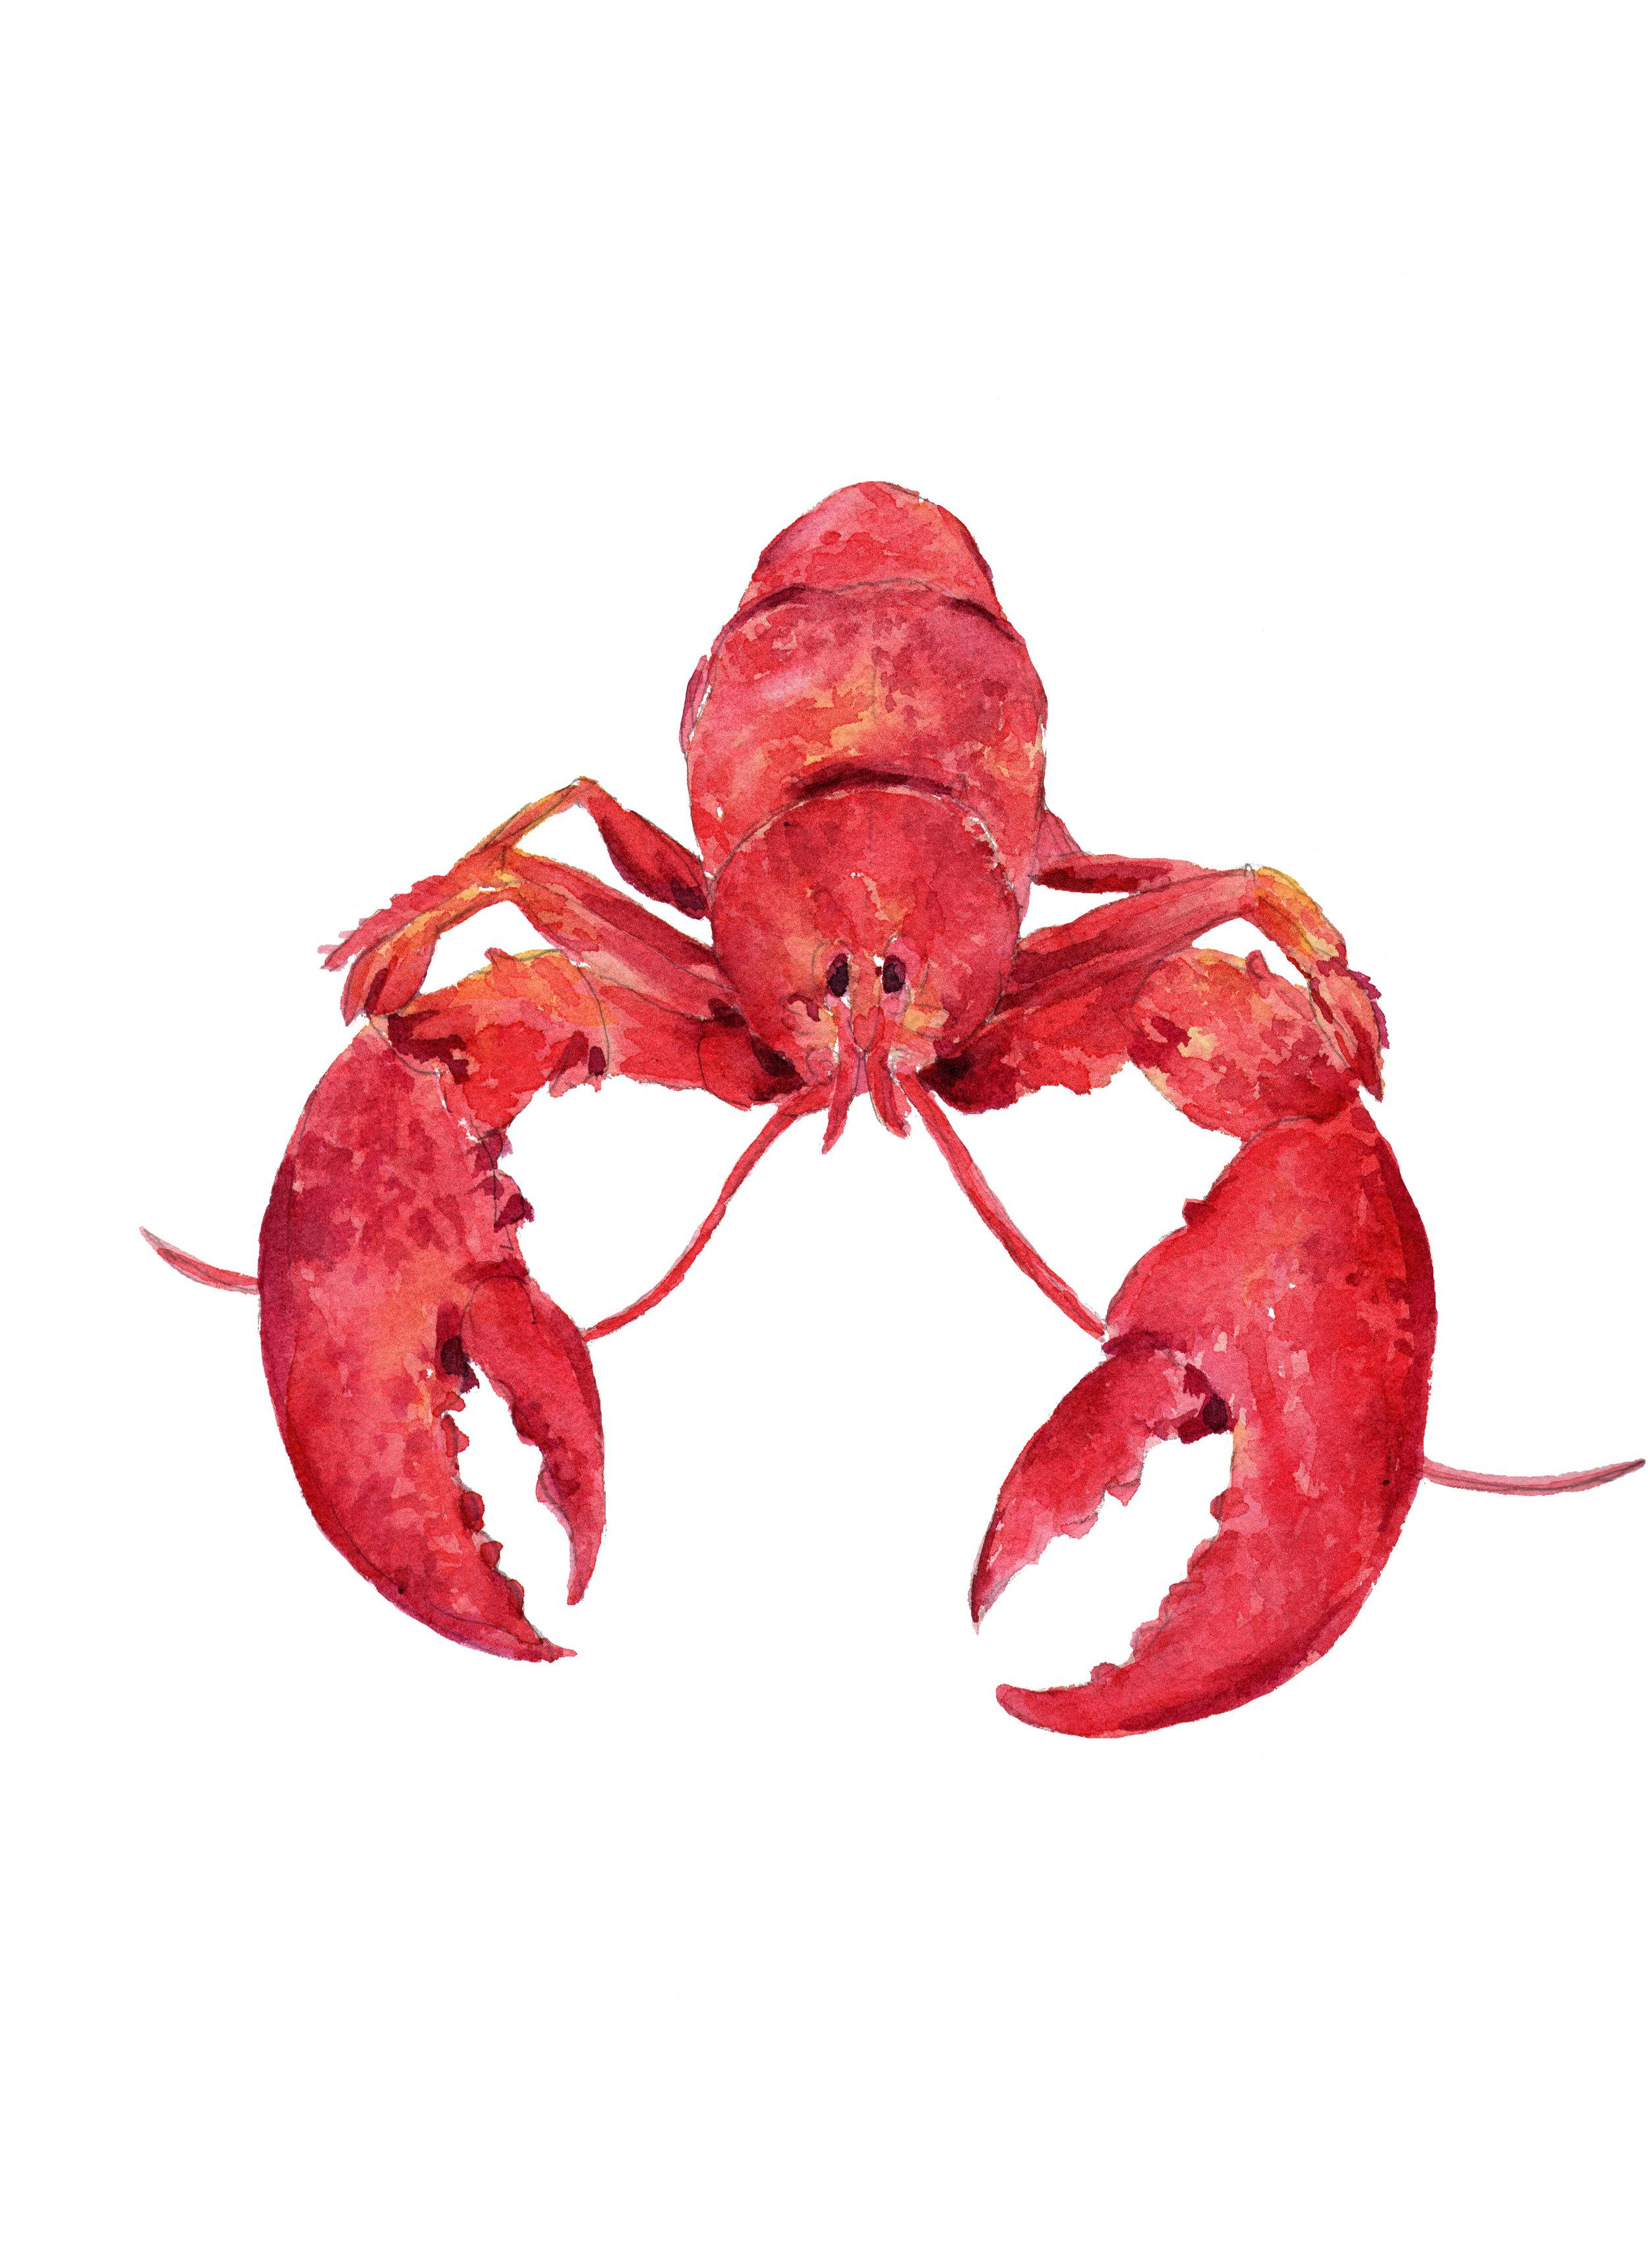 lobster art.jpg